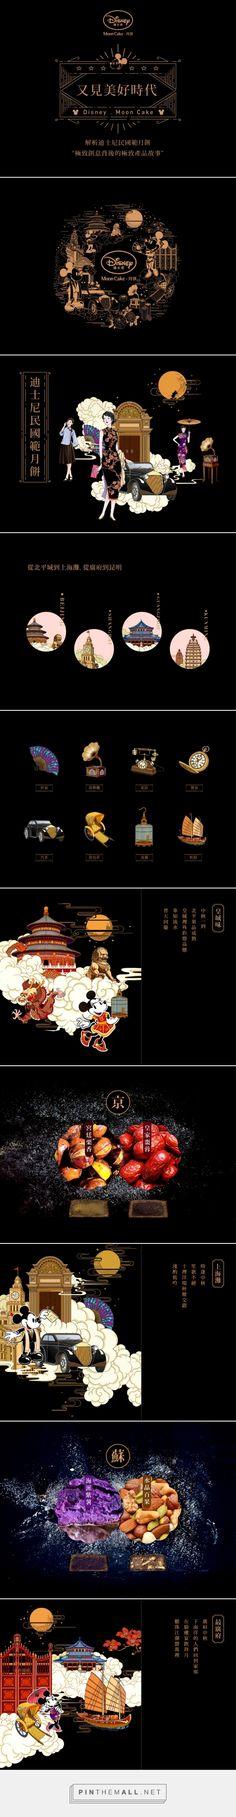 迪士尼民國範月餅 創意剖析 包装 平面 cxy137 - 原创设计作品 - 站酷 (ZCOOL) - created via https://pinthemall.net